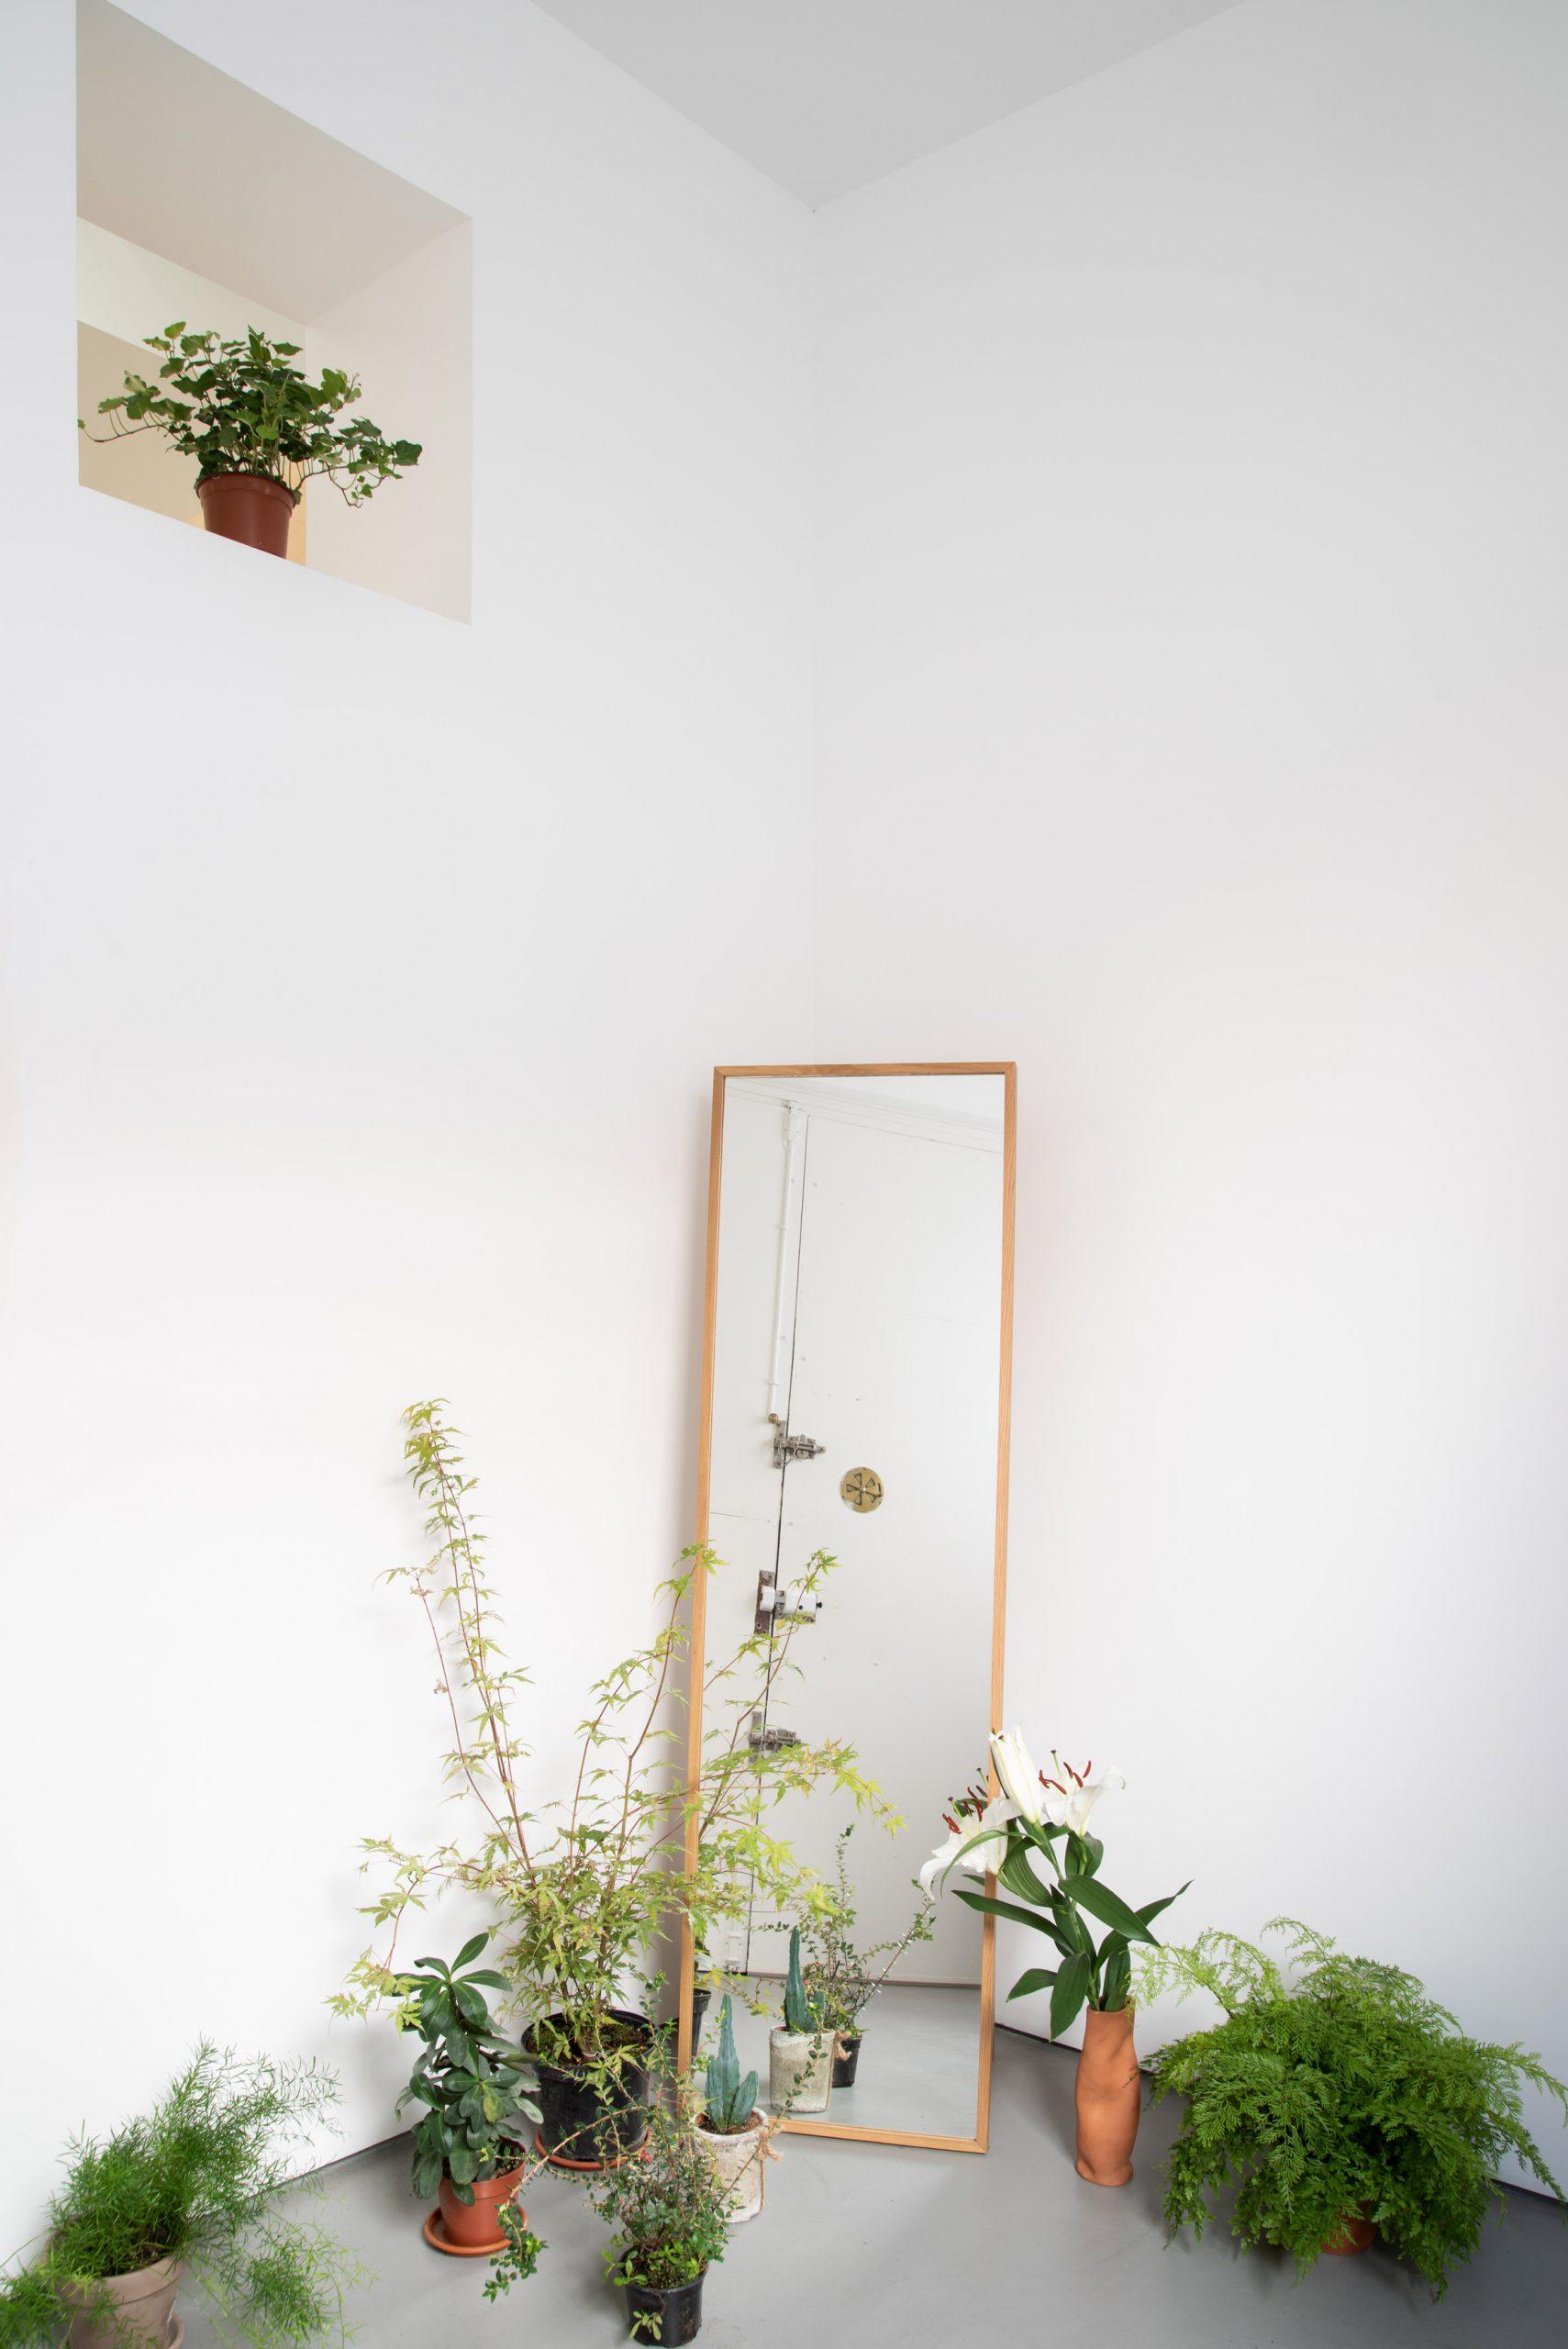 Thiết kế phòng khách chung cư đơn giản 16Thiết kế phòng khách chung cư đơn giản 16